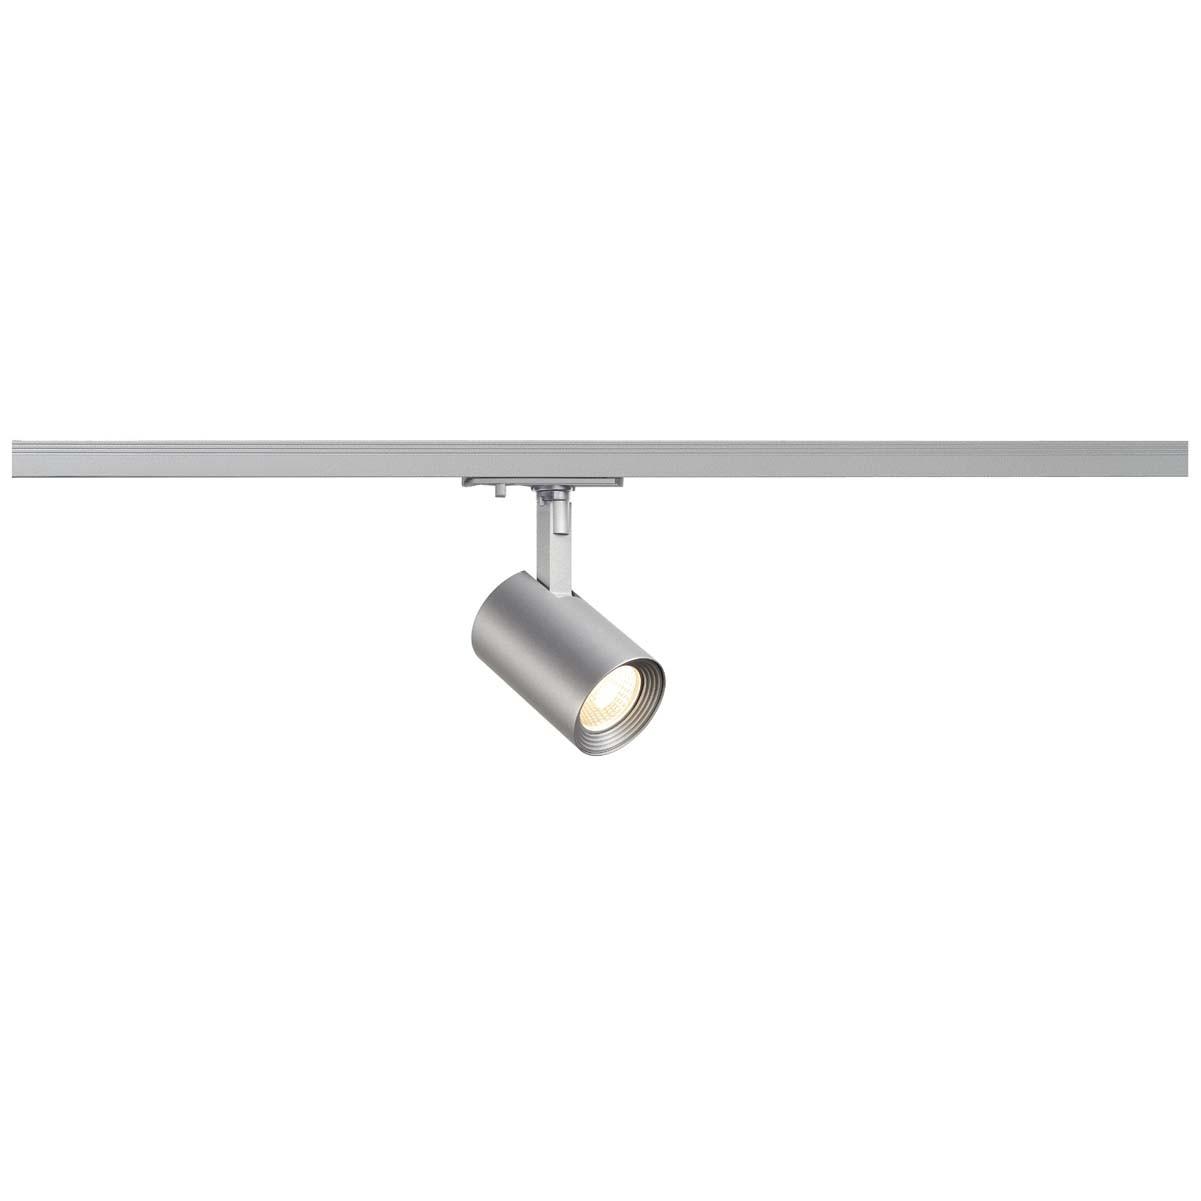 SLV 143574 Debasto Spot LED 8W 3000K 1 Circuit 240v Track Light Silver Grey